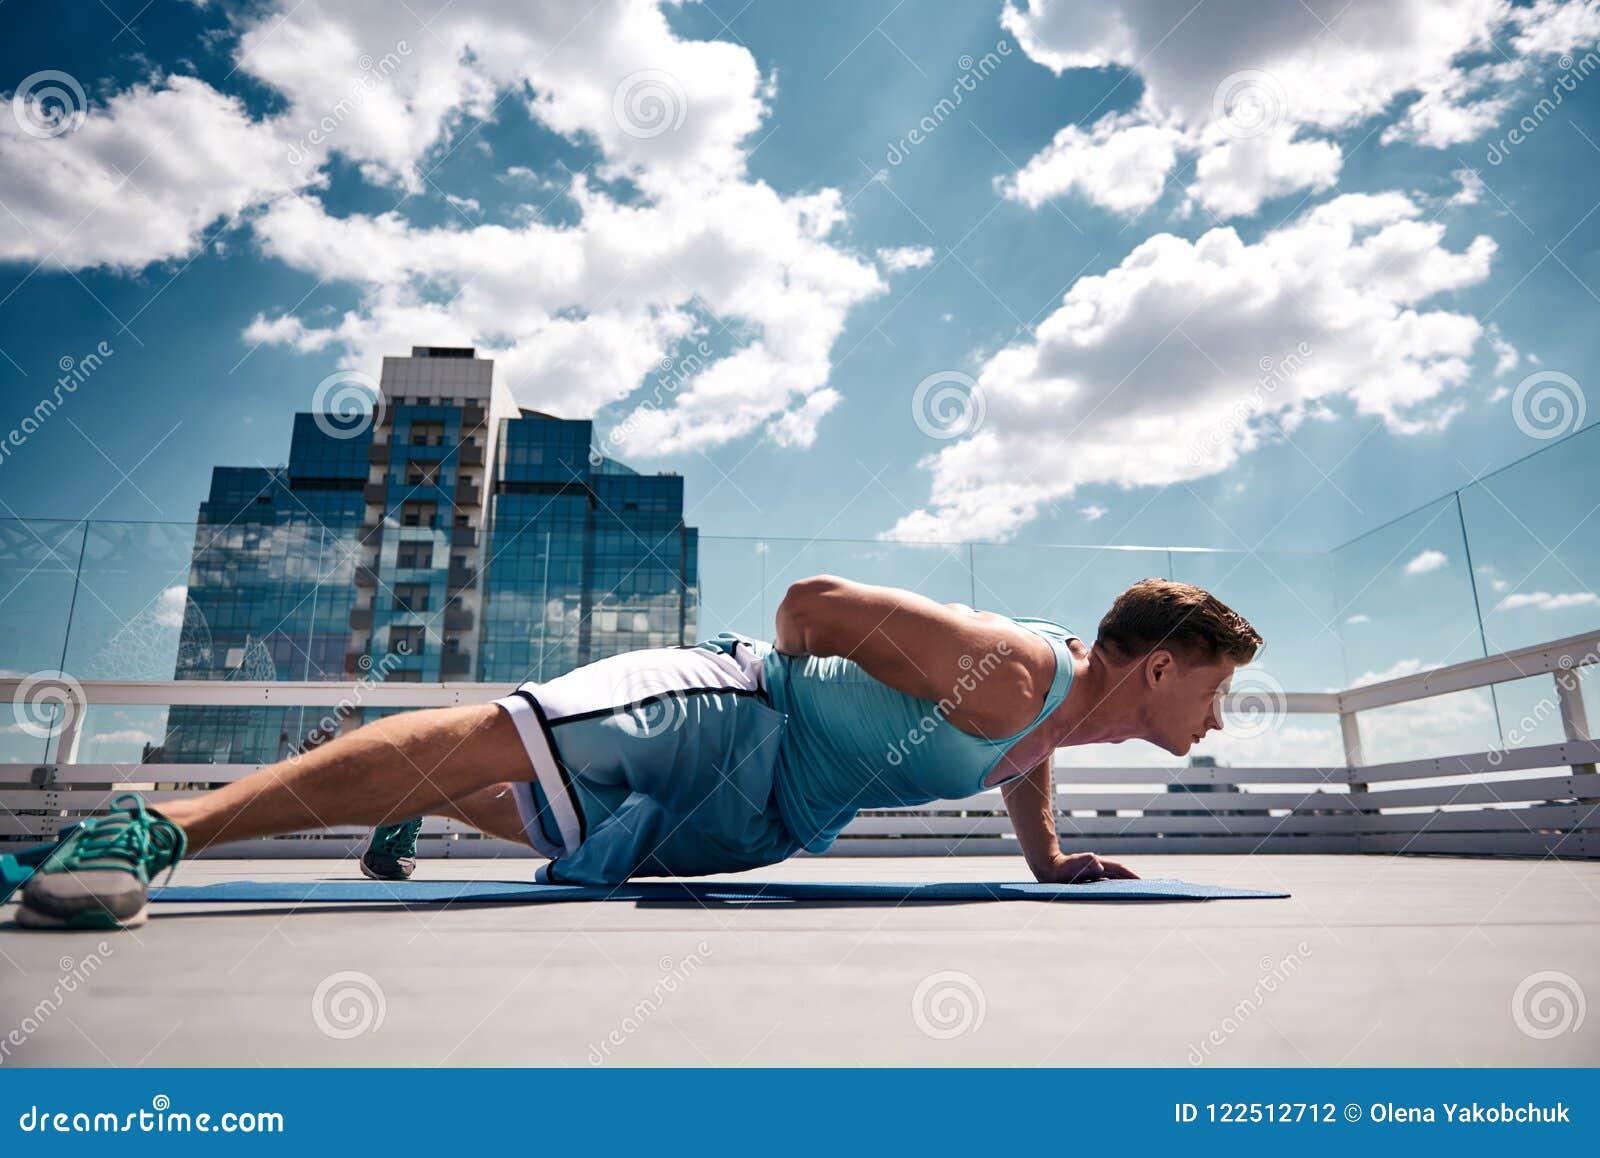 Спортсмен делает нажим-поднимает на высокой террасе